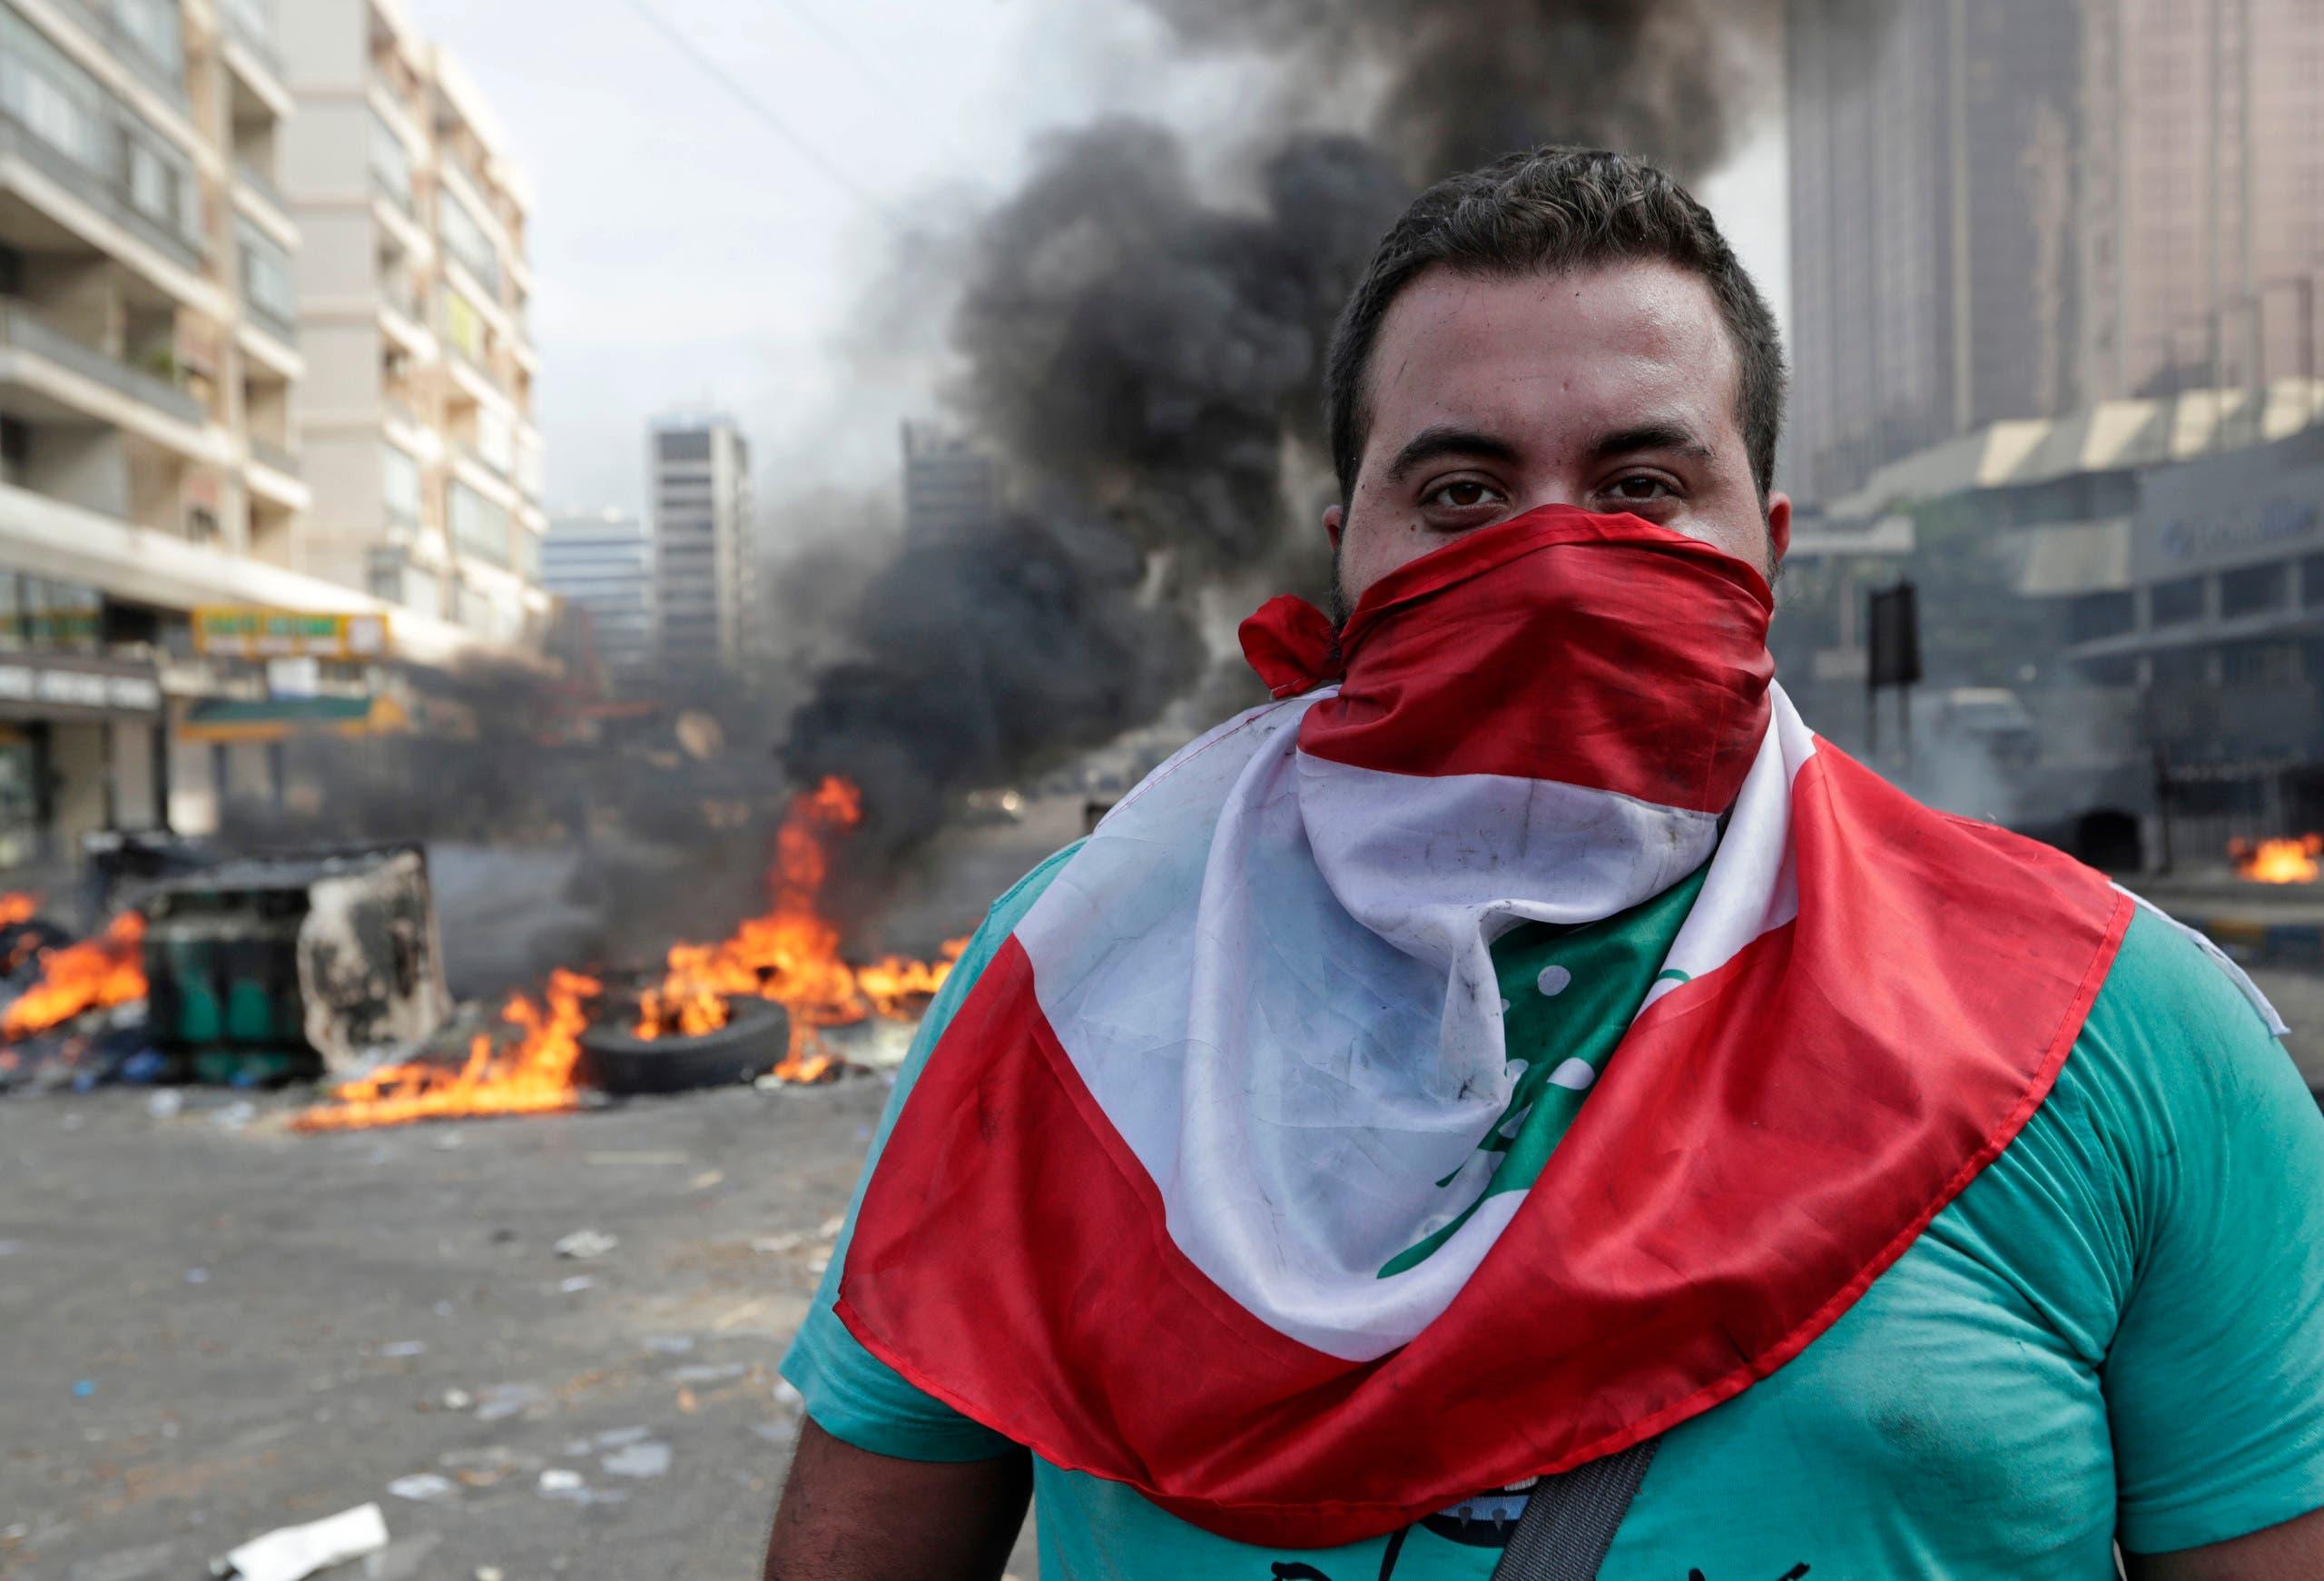 متظاهر في بيروت (18 أكتوبر- فرانس برس)